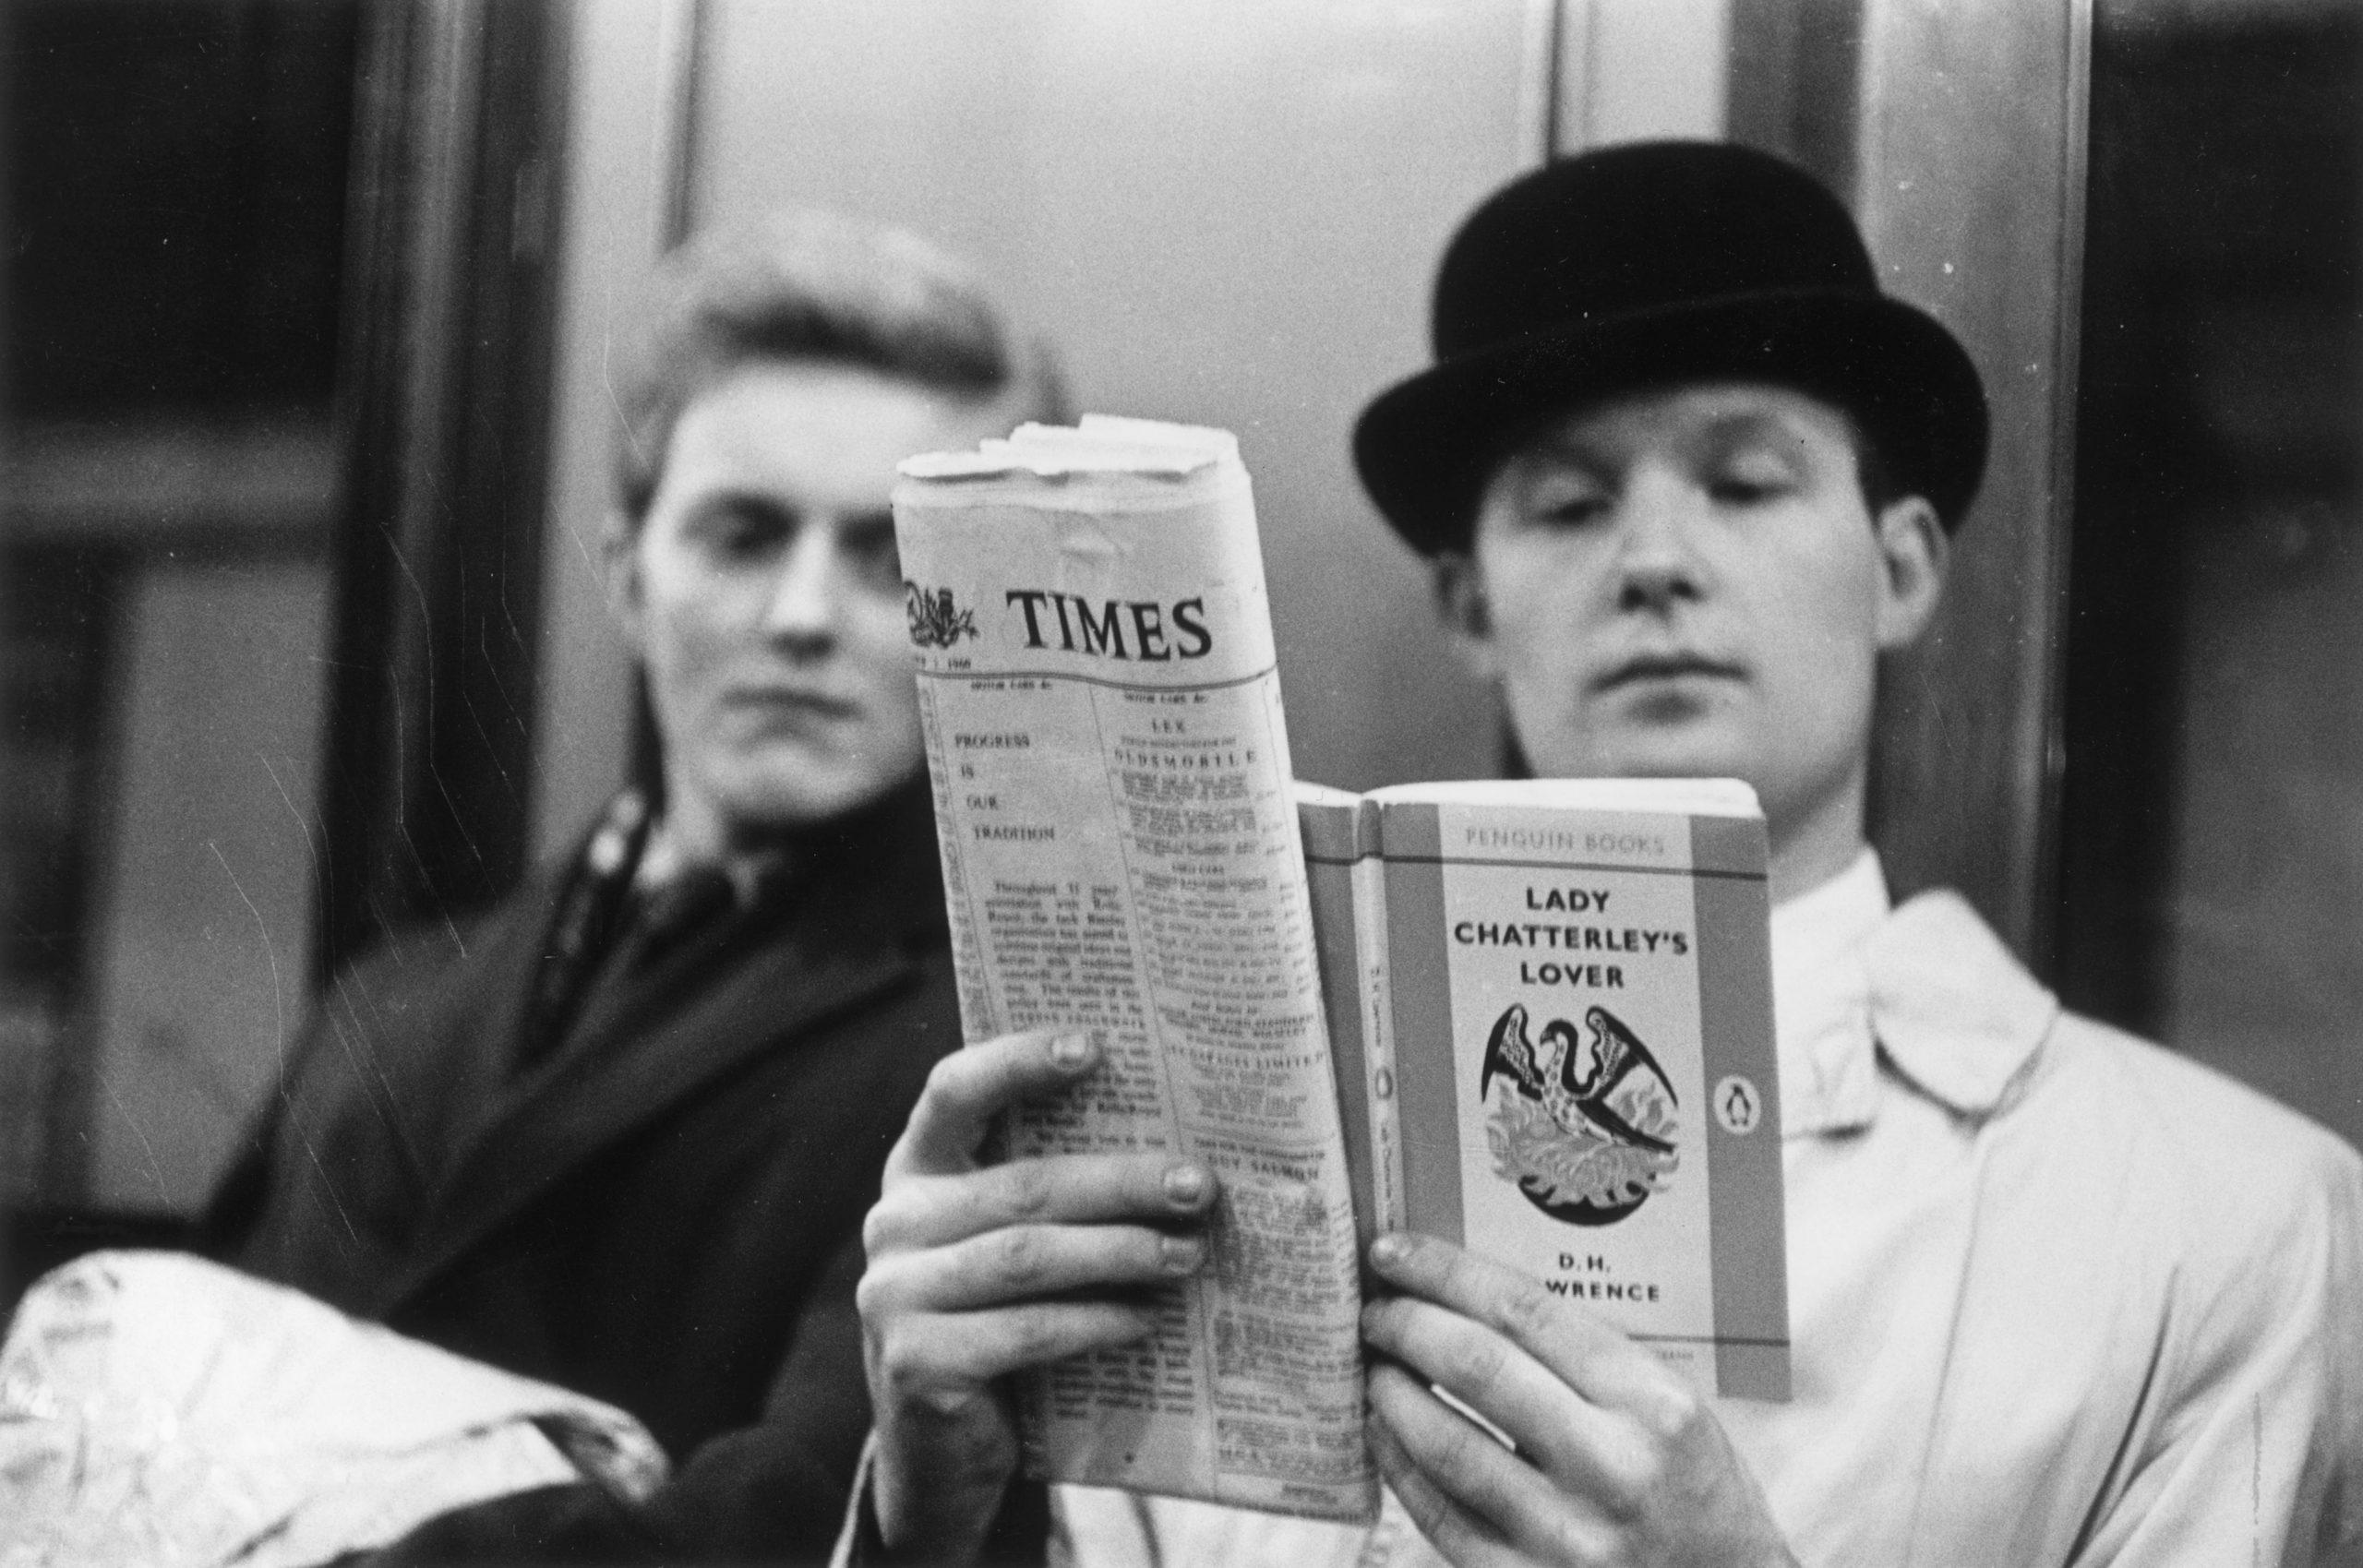 Leyendo un libro y el periódico